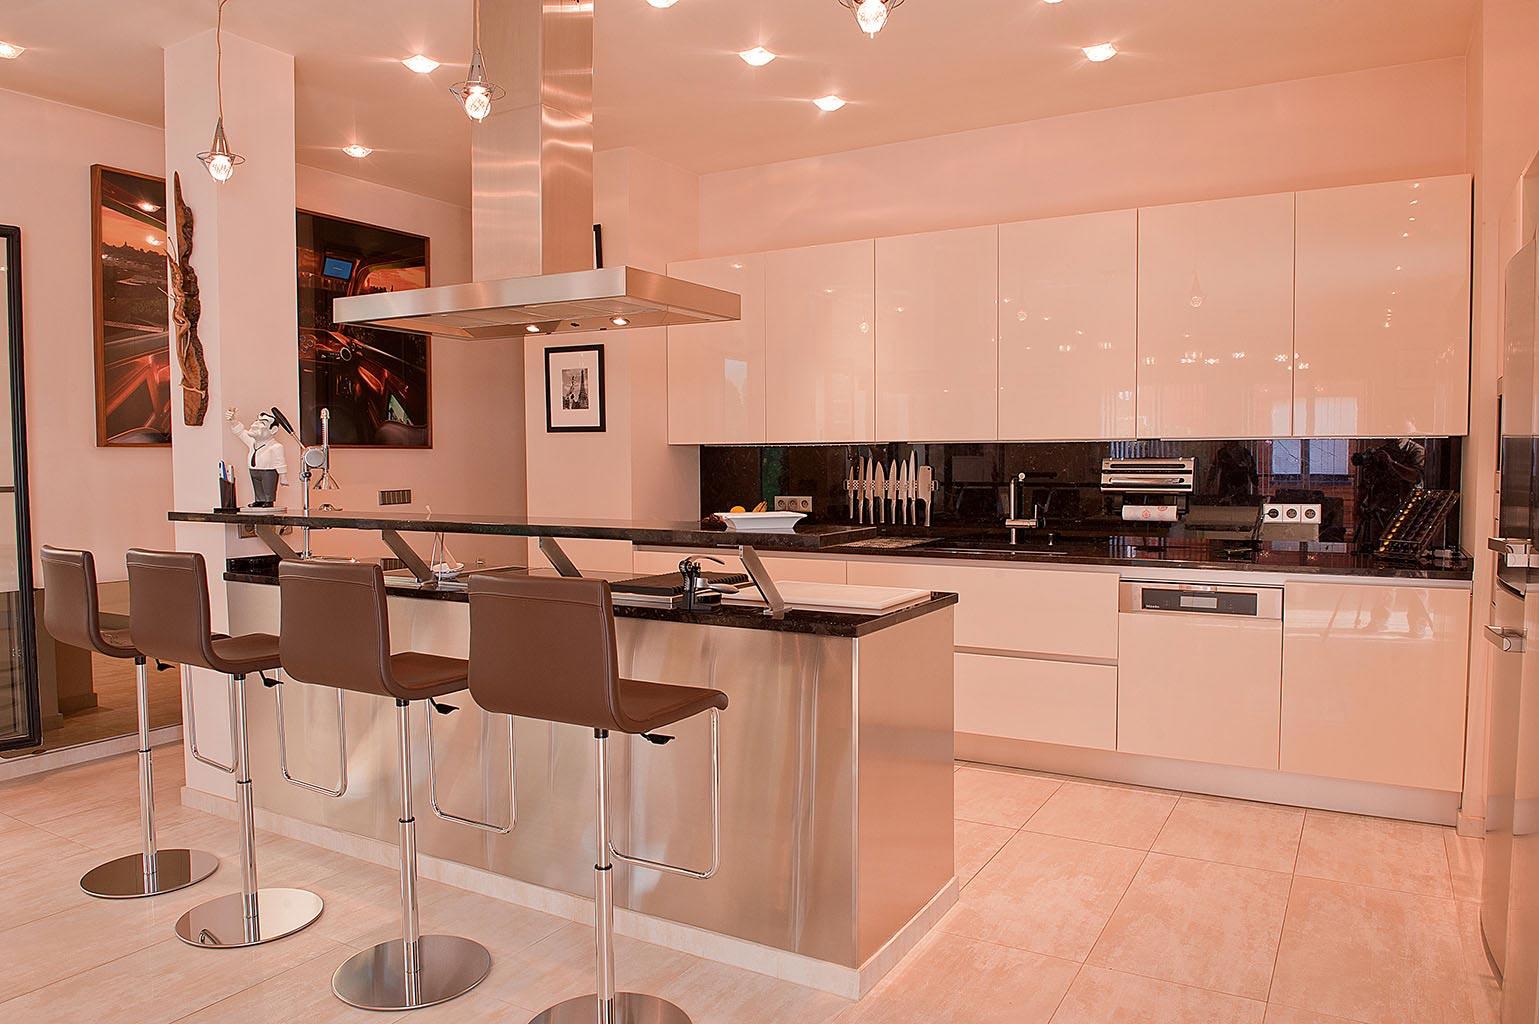 renov design r novation d 39 int rieure sur paris ile de france r novation design cuisine. Black Bedroom Furniture Sets. Home Design Ideas